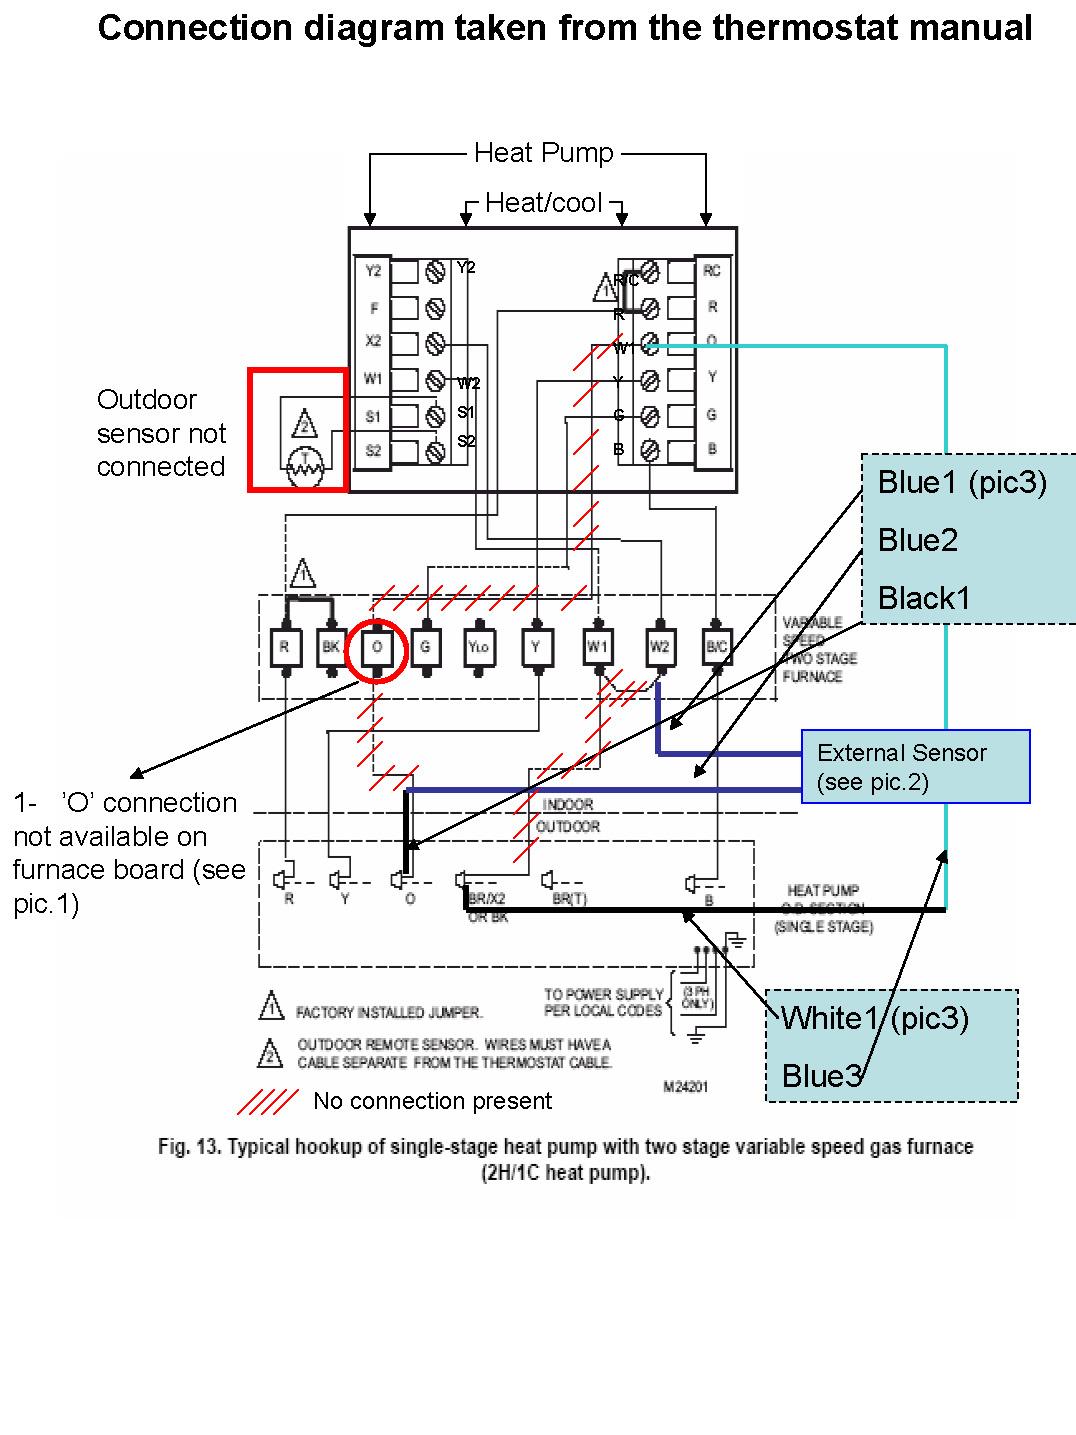 goodman heating wiring diagram free download do 8745  wire lux thermostat wiring diagram free download wiring  wire lux thermostat wiring diagram free